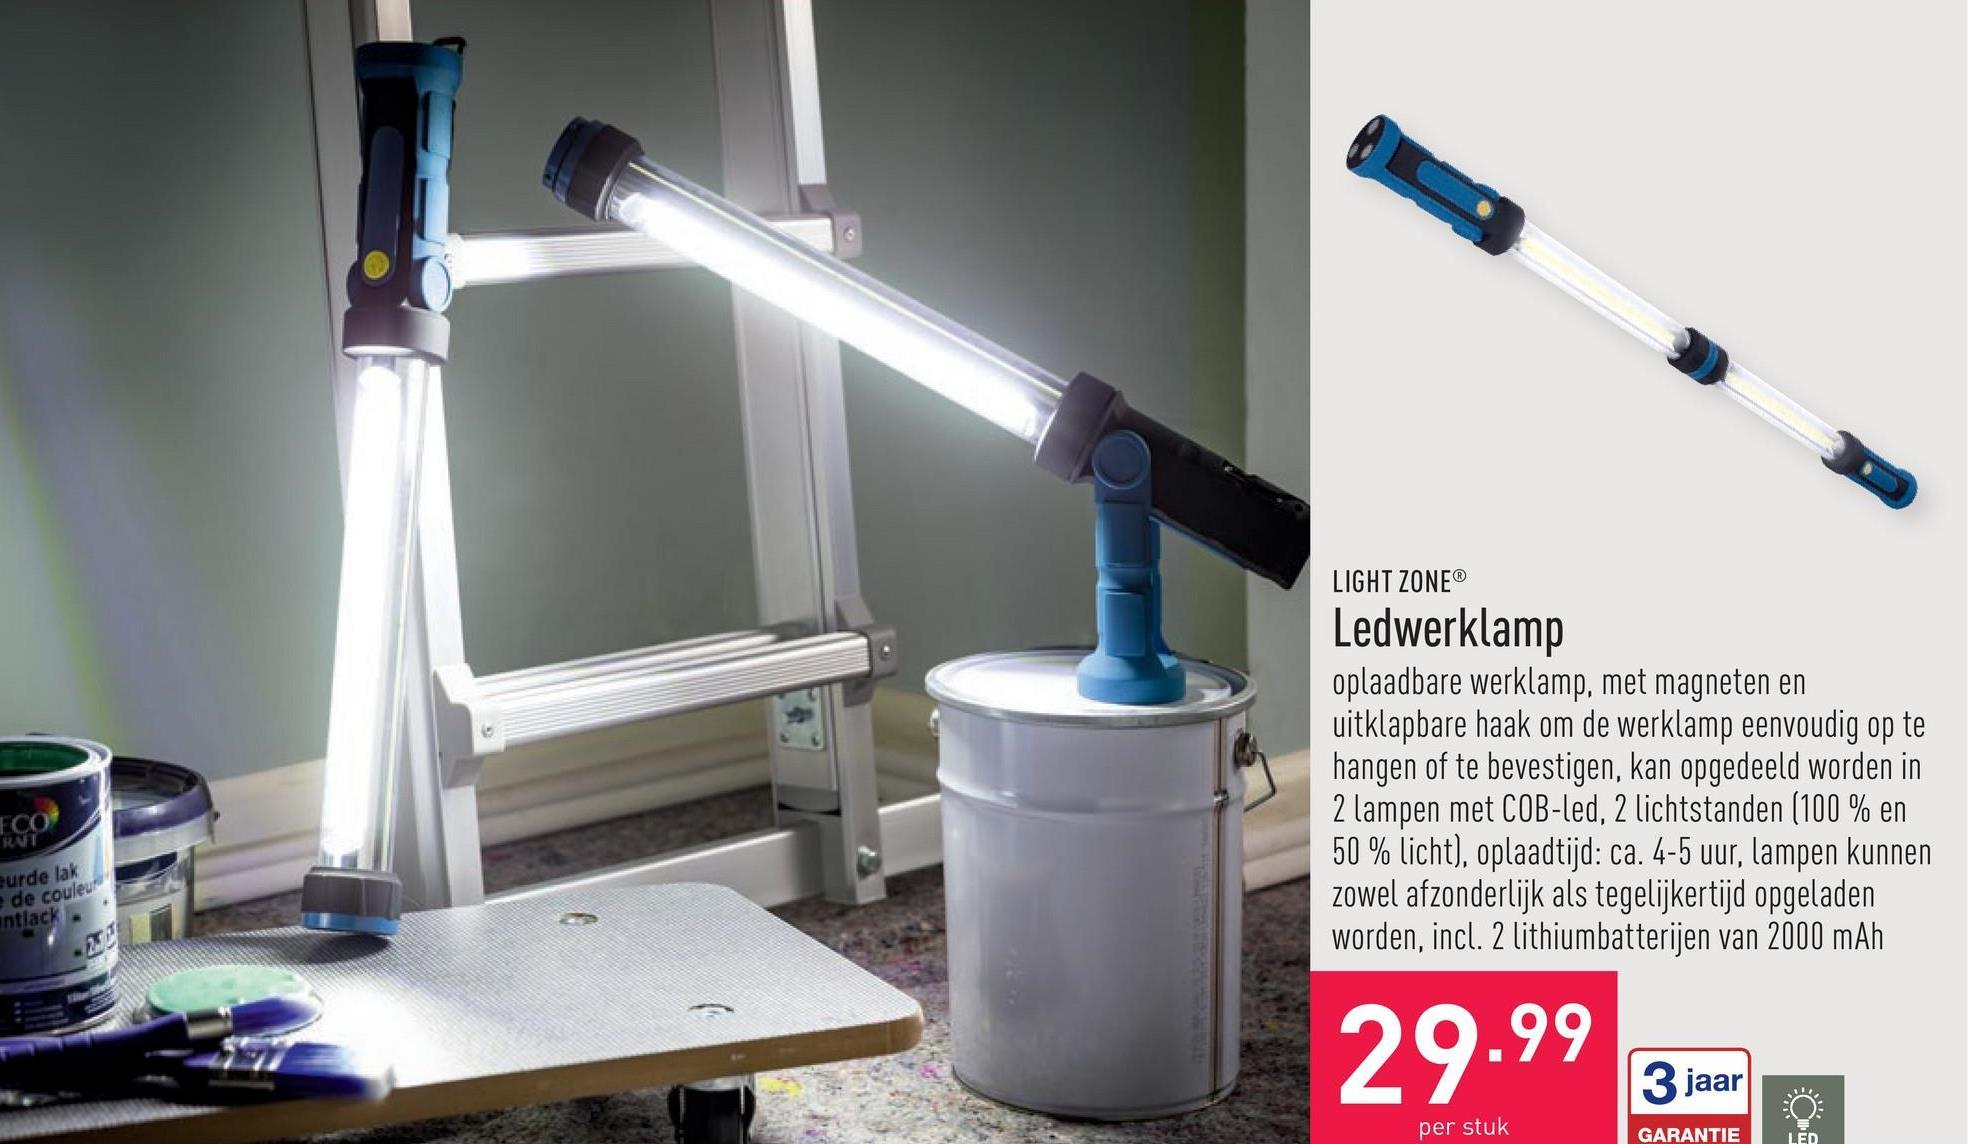 Ledwerklamp oplaadbare werklamp, met magneten en uitklapbare haak om de werklamp eenvoudig op te hangen of te bevestigen, kan opgedeeld worden in 2 lampen met COB-led, 2 lichtstanden (100 % en 50 % licht), oplaadtijd: ca. 4-5 uur, lampen kunnen zowel afzonderlijk als tegelijkertijd opgeladen worden, incl. 2 lithiumbatterijen van 2000 mAh